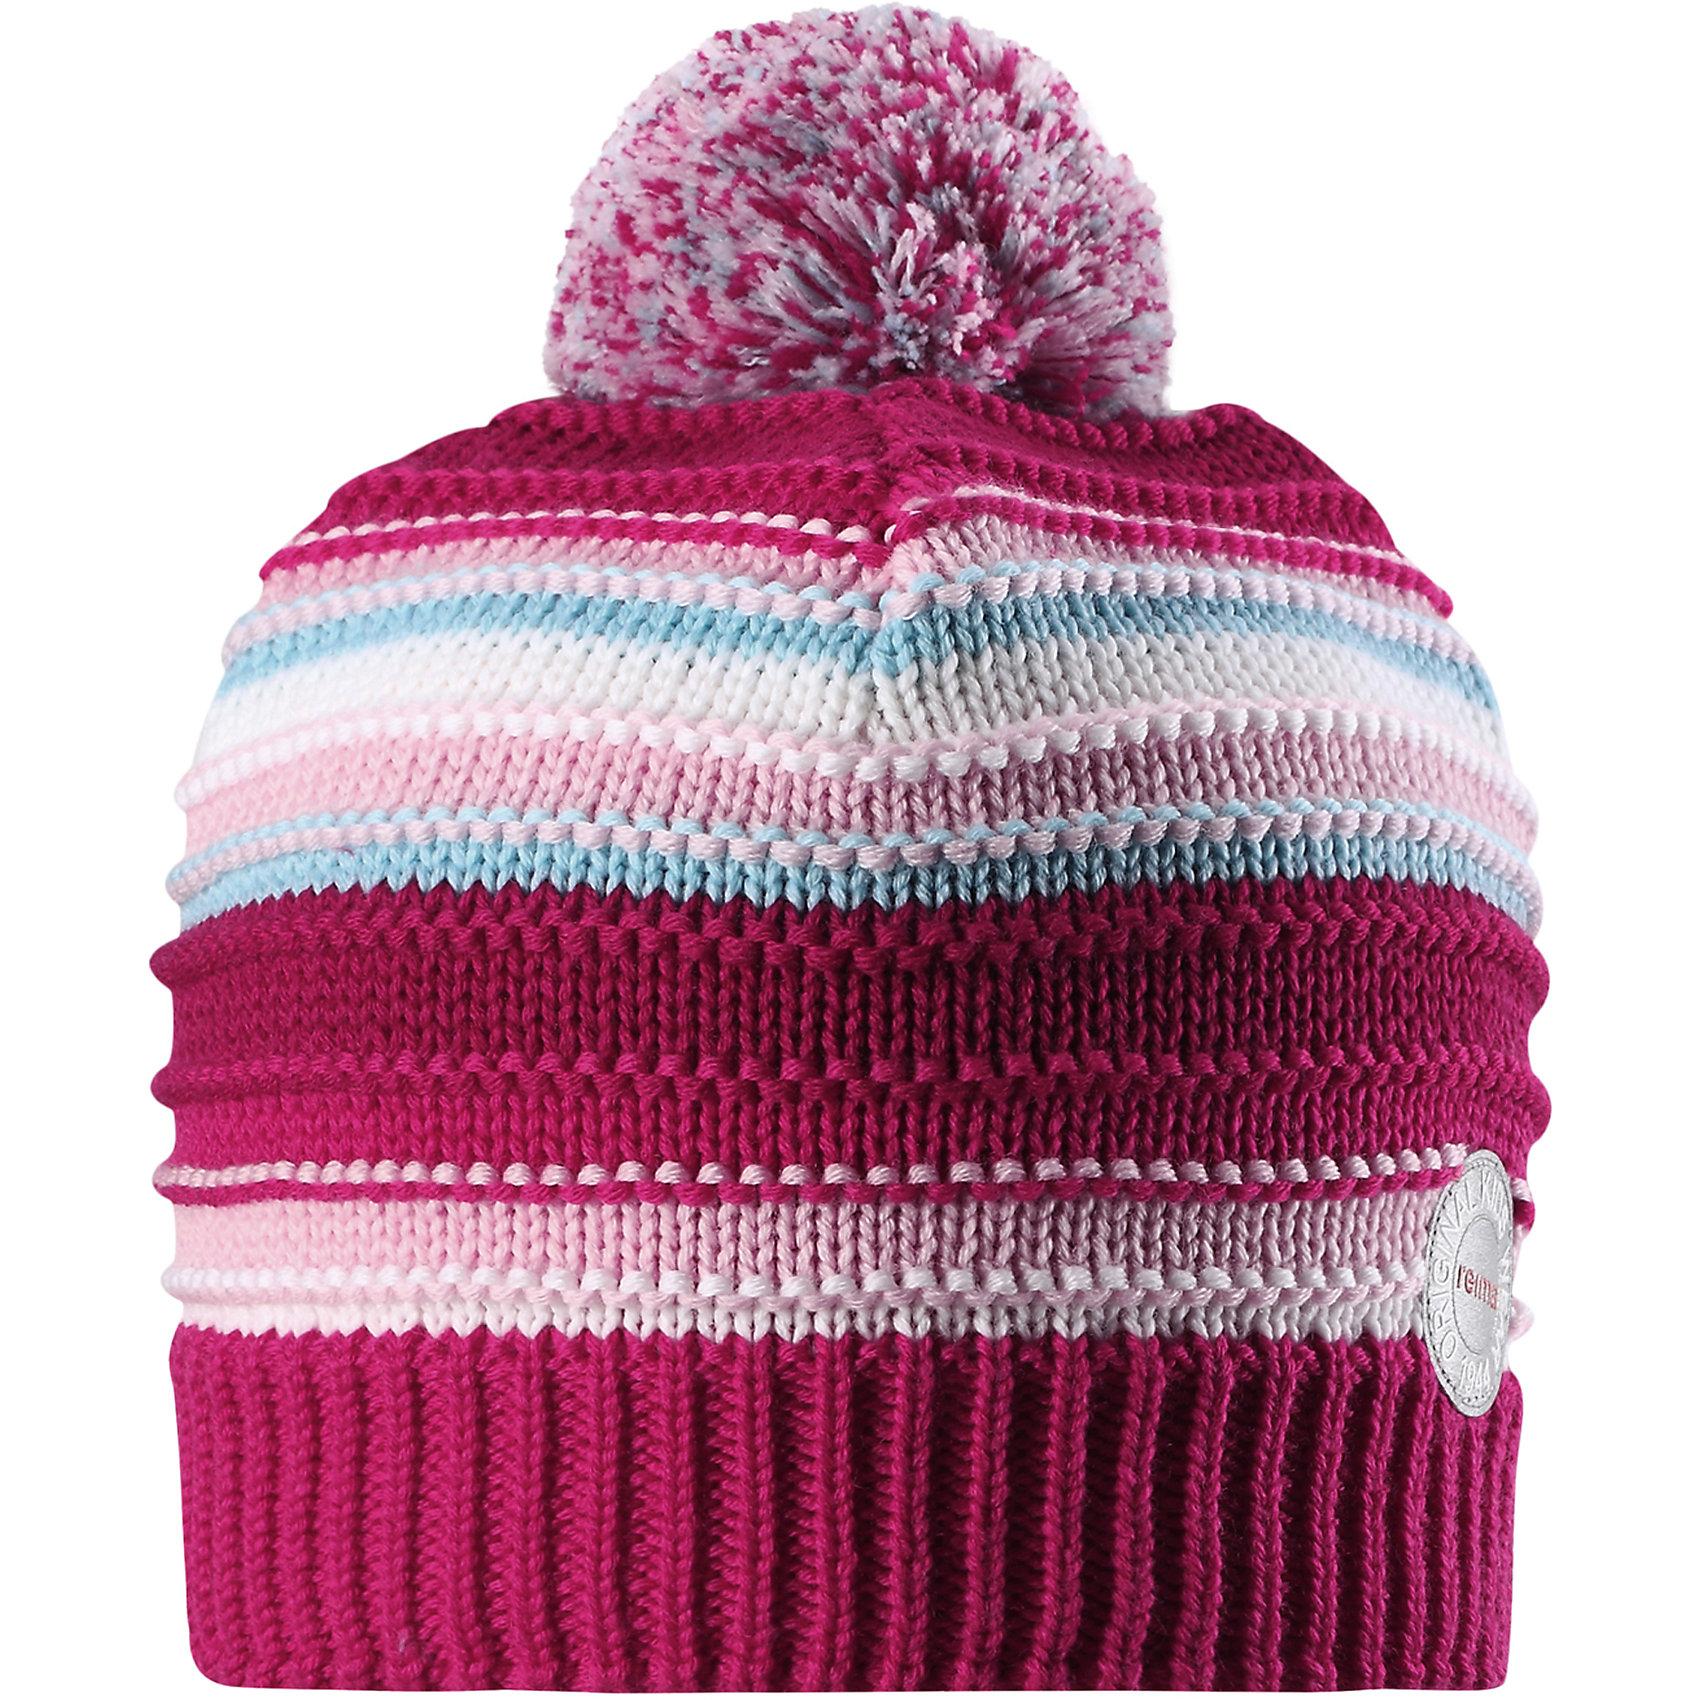 Шапка Reima HurmosГоловные уборы<br>Характеристики товара:<br><br>• цвет: розовый;<br>• состав: 100% шерсть;<br>• подкладка: 97% хлопок, 3% эластан;<br>• утеплитель: 40 г/м2;<br>• сезон: зима;<br>• температурный режим: от 0 до -20С;<br>• мягкая ткань из мериносовой шерсти для поддержания идеальной температуры тела;<br>• ветронепроницаемые вставки в области ушей;<br>• сплошная подкладка: мягкий теплый флис;<br>• шапка с помпоном;<br>• логотип Reima® сзади;<br>• страна бренда: Финляндия;<br>• страна изготовитель: Китай.<br><br>Шапка для малышей и детей постарше изготовлена из дышащей и теплой мериносовой шерсти. Мягкая флисовая подкладка гарантирует тепло, а ветронепроницаемые вставки между верхним слоем и подкладкой защищают уши. Помпон на макушке.<br><br>Шапку Hurmos Reima от финского бренда Reima (Рейма) можно купить в нашем интернет-магазине.<br><br>Ширина мм: 89<br>Глубина мм: 117<br>Высота мм: 44<br>Вес г: 155<br>Цвет: розовый<br>Возраст от месяцев: 84<br>Возраст до месяцев: 144<br>Пол: Унисекс<br>Возраст: Детский<br>Размер: 56,50,52,54<br>SKU: 6902676